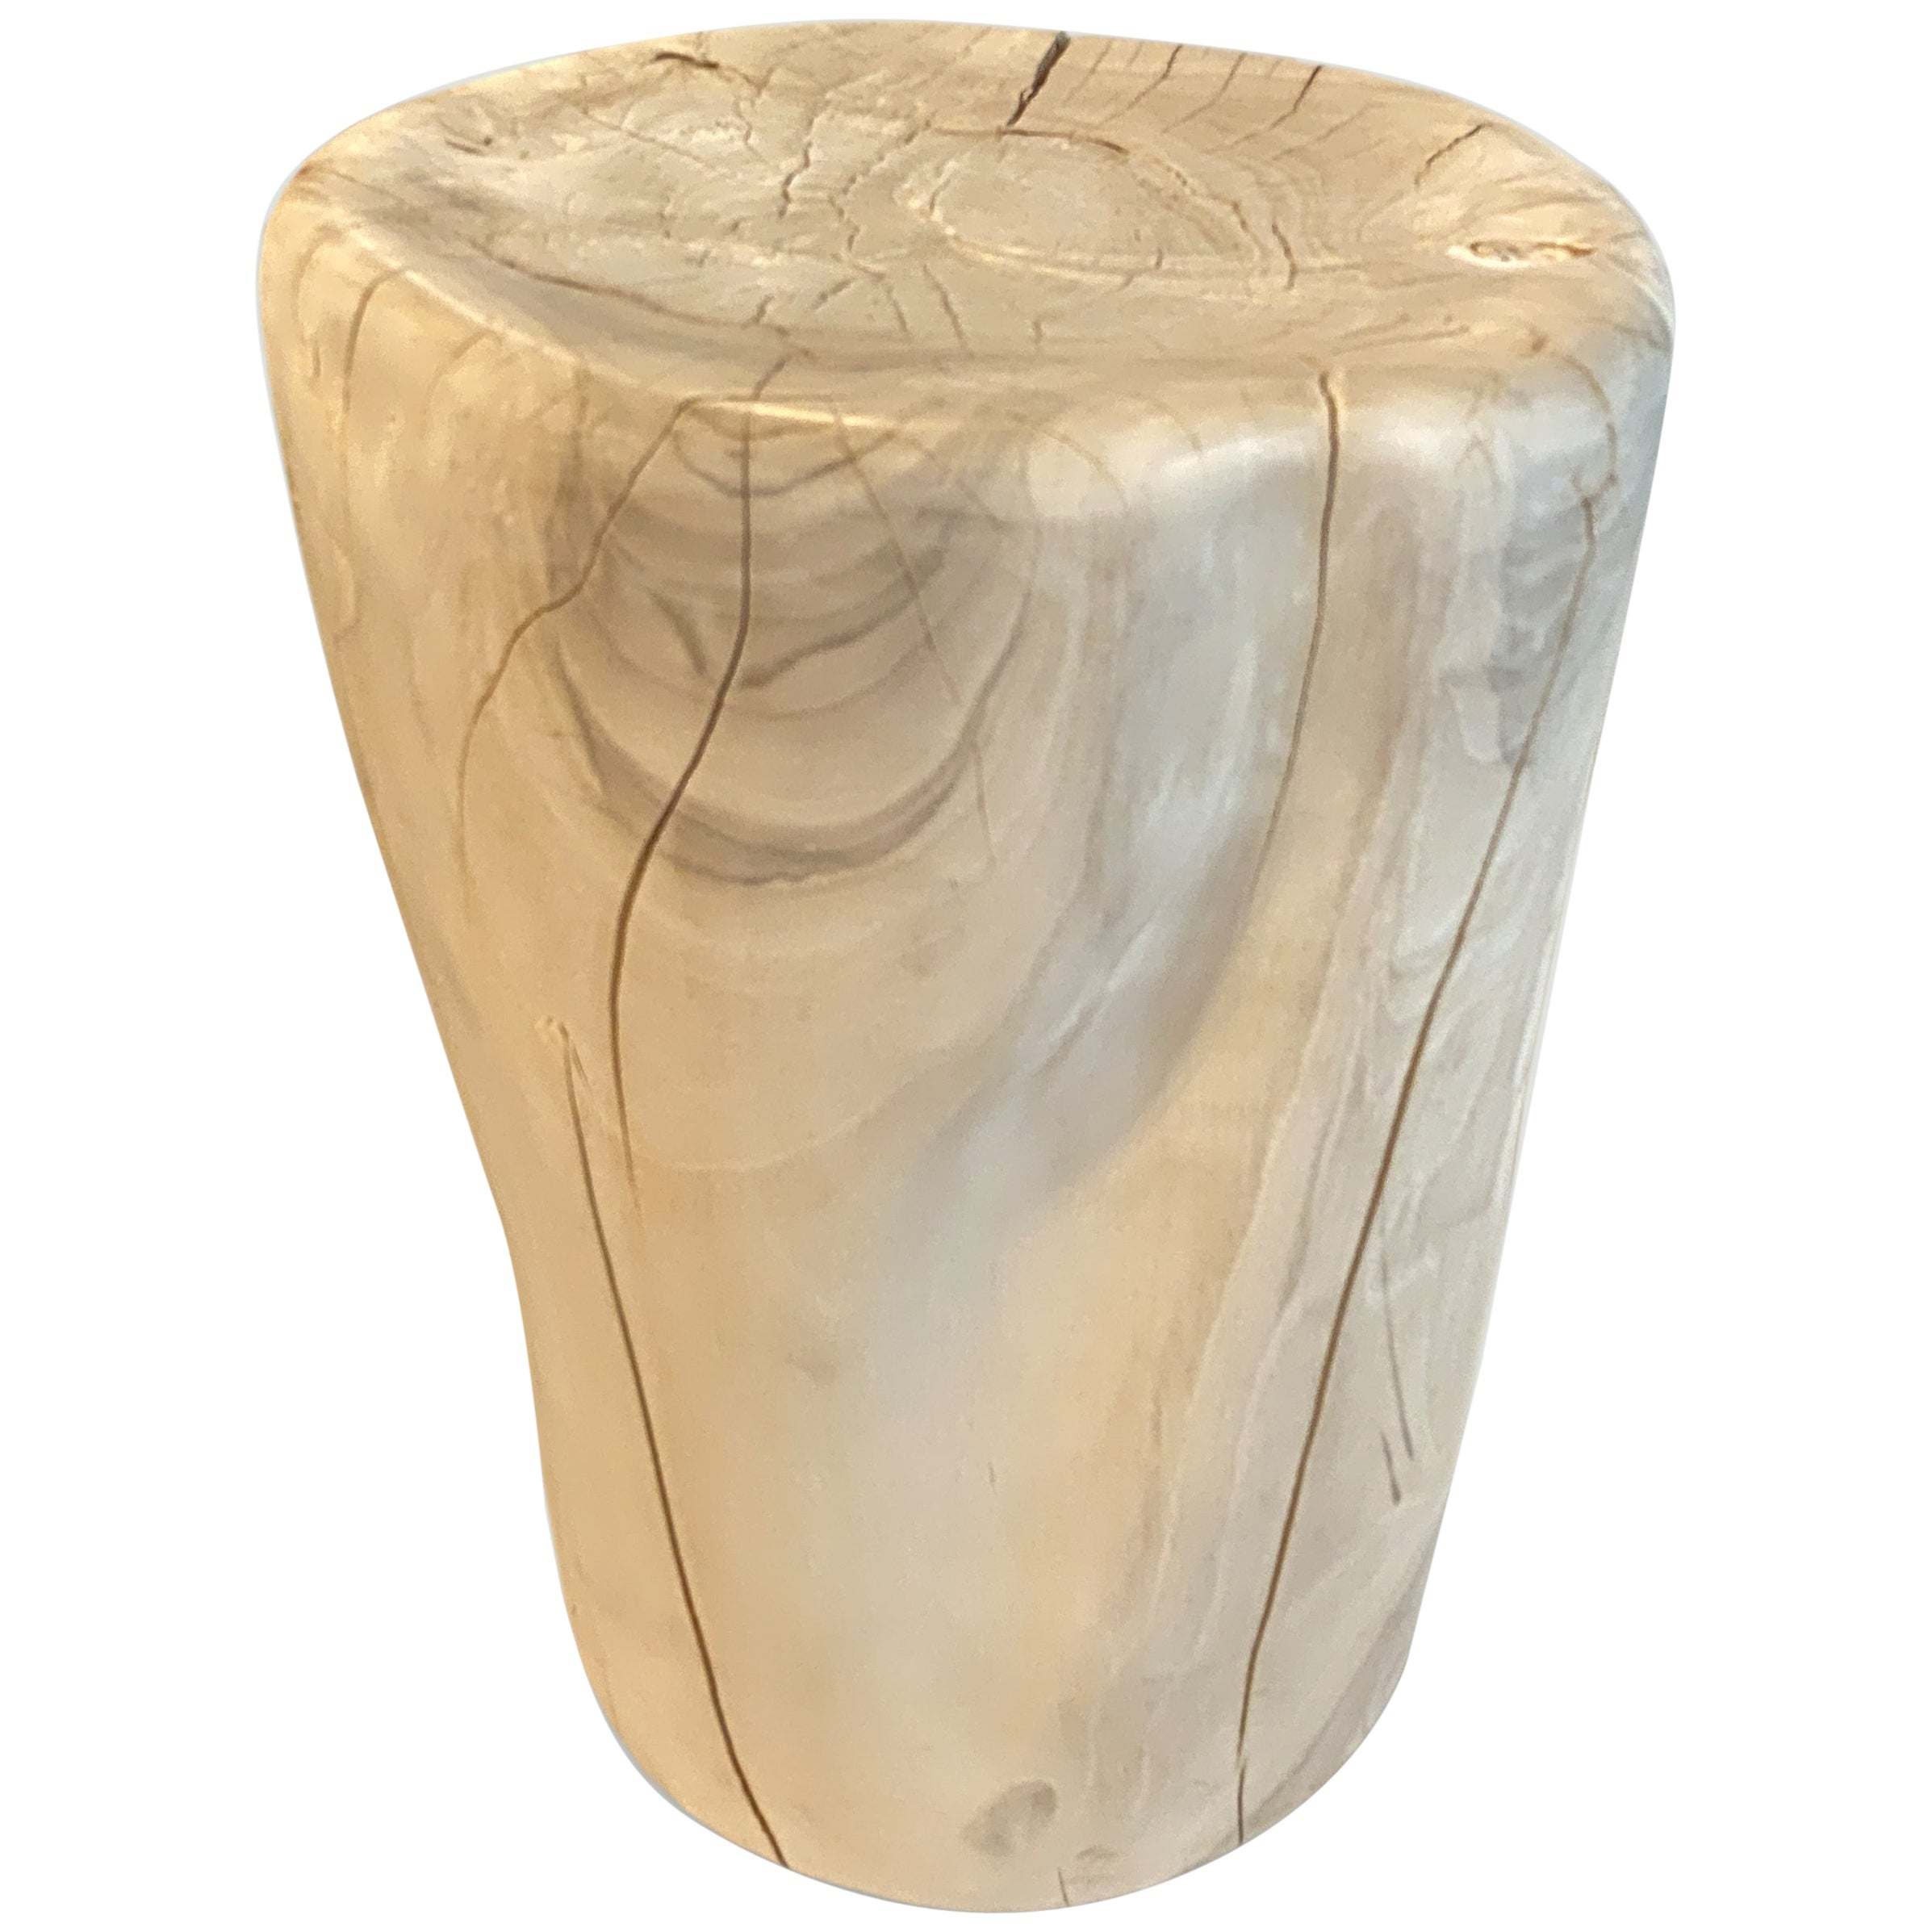 Andrianna Shamaris Bleached Teak Wood Side Table or Stool